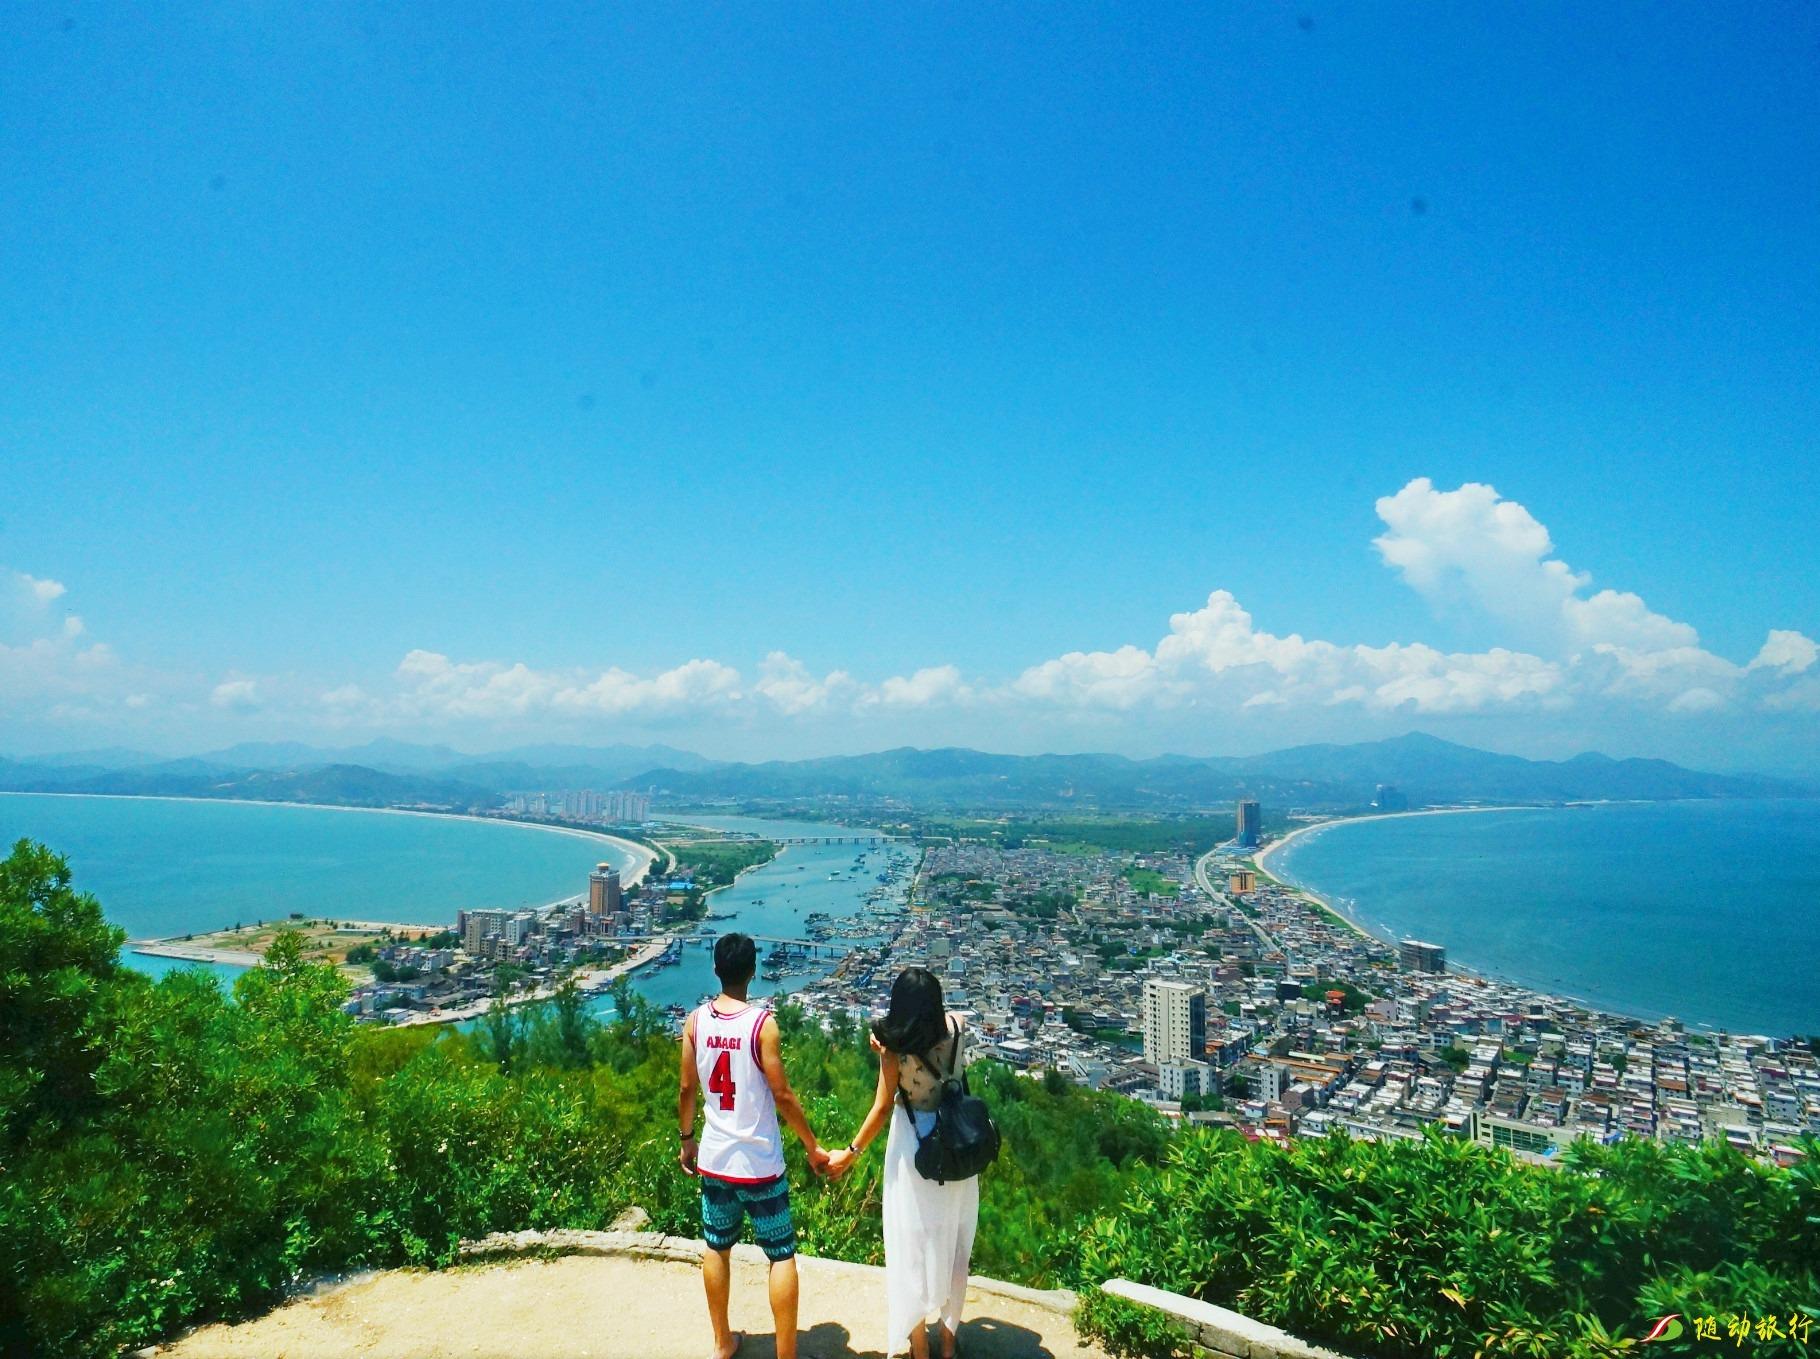 惠州绝美双月湾-勇闯巨石阵-环大星山穿越